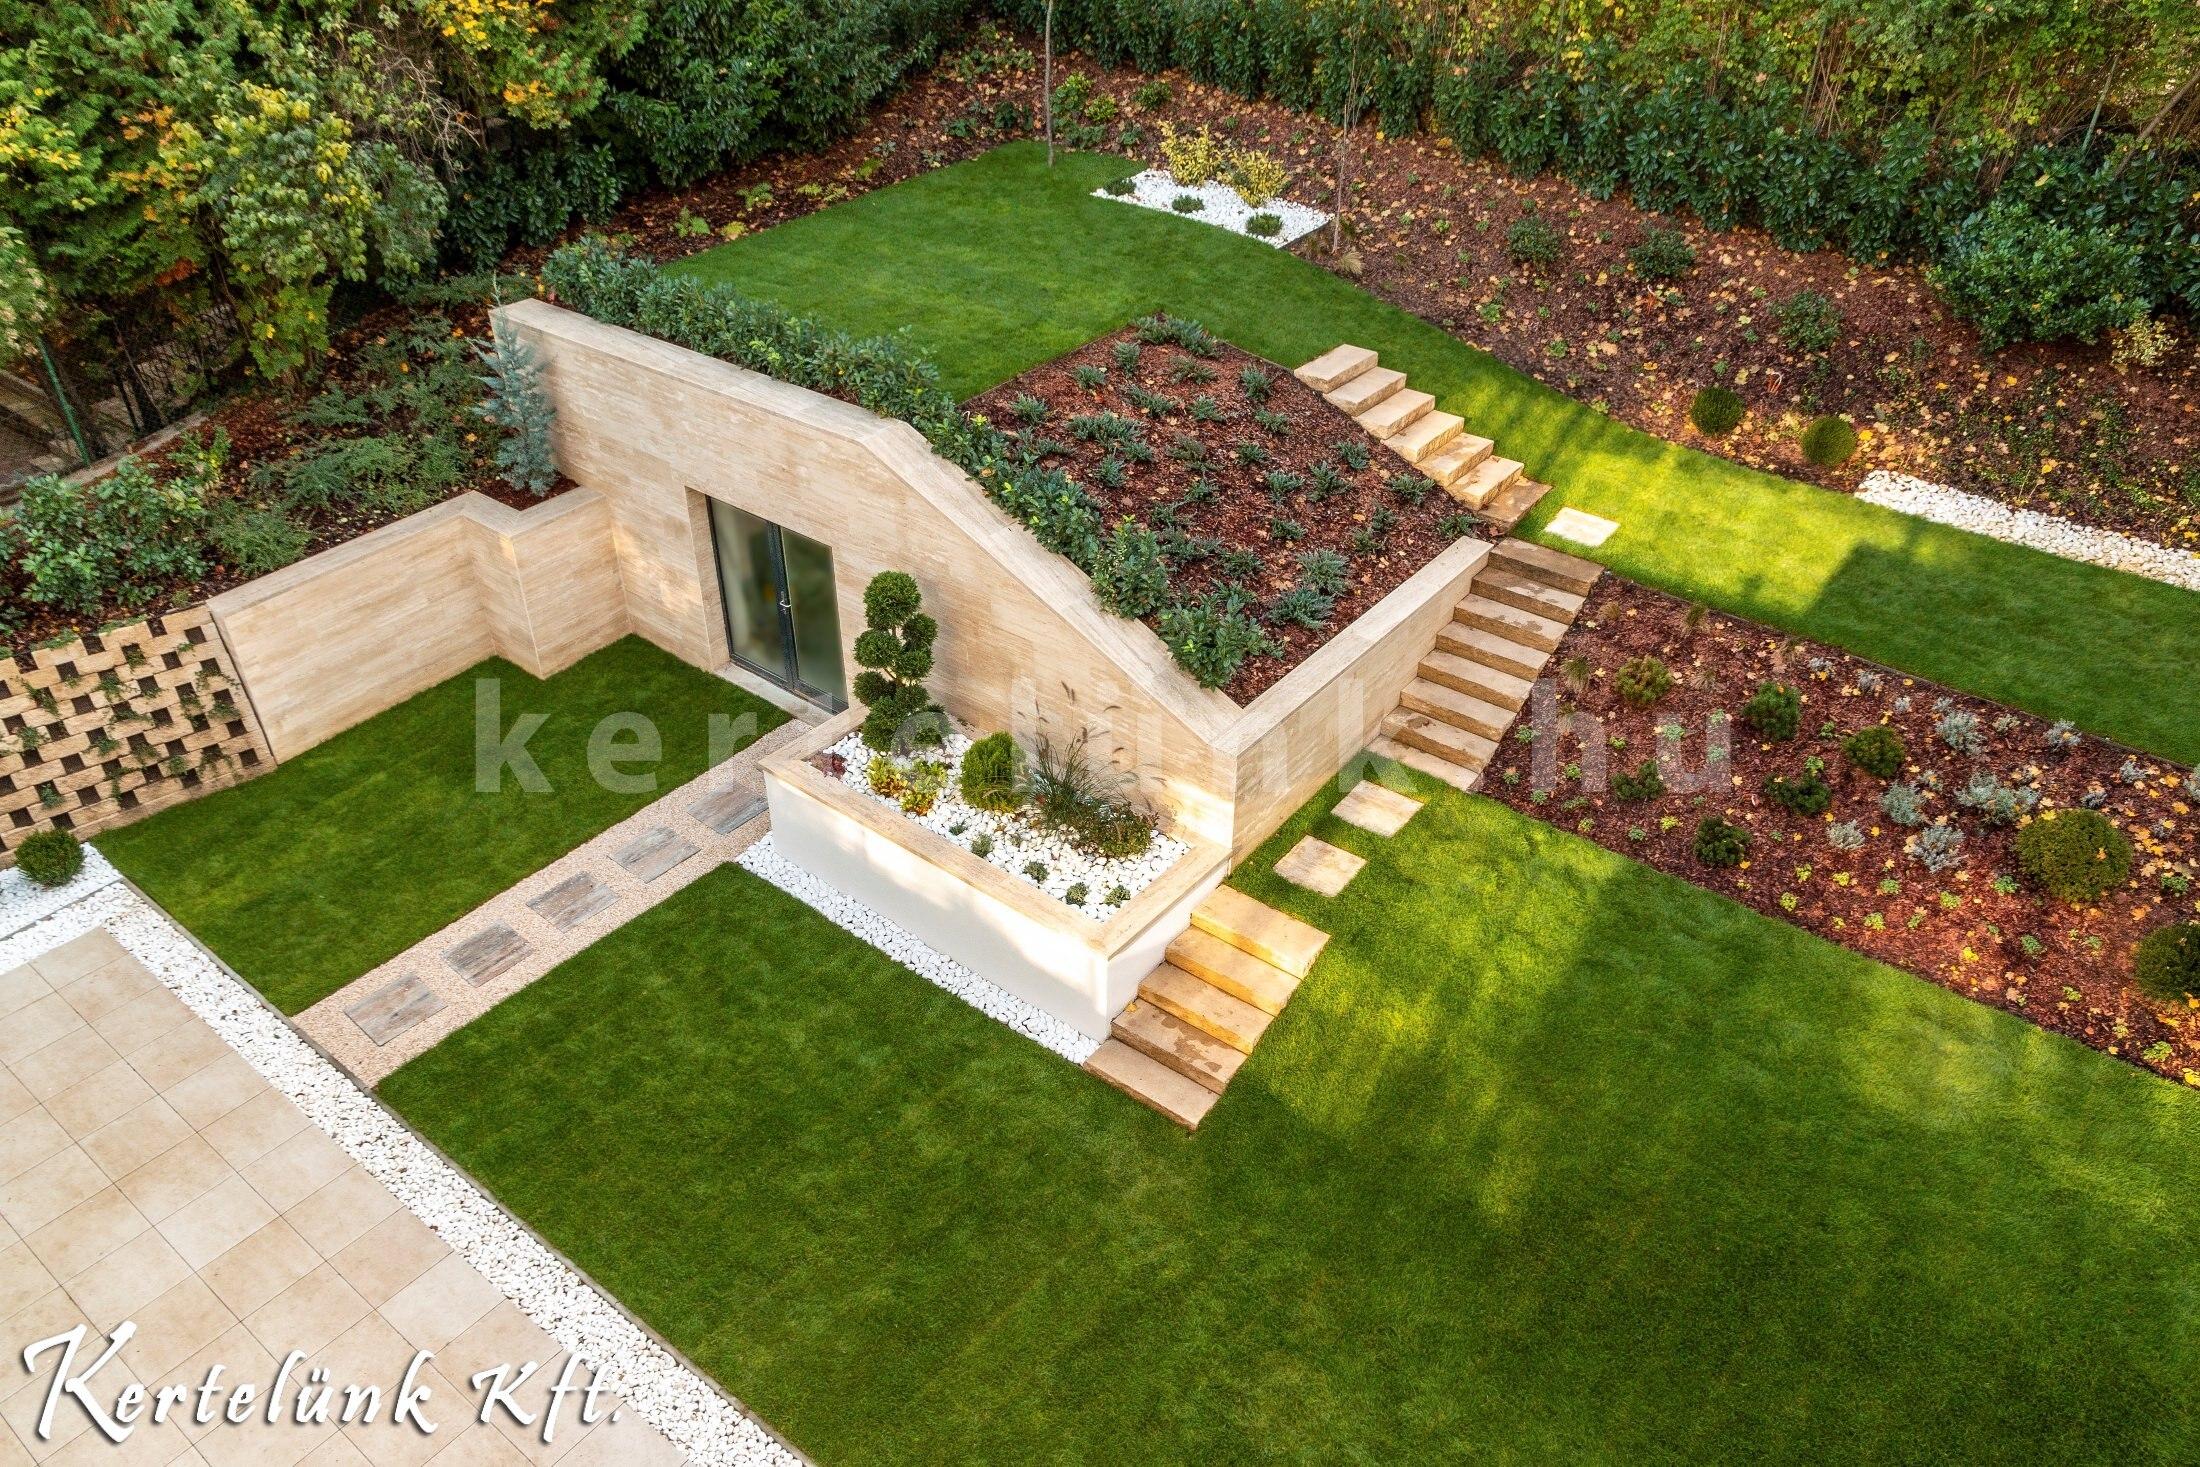 Lejtős kert modern köntösben